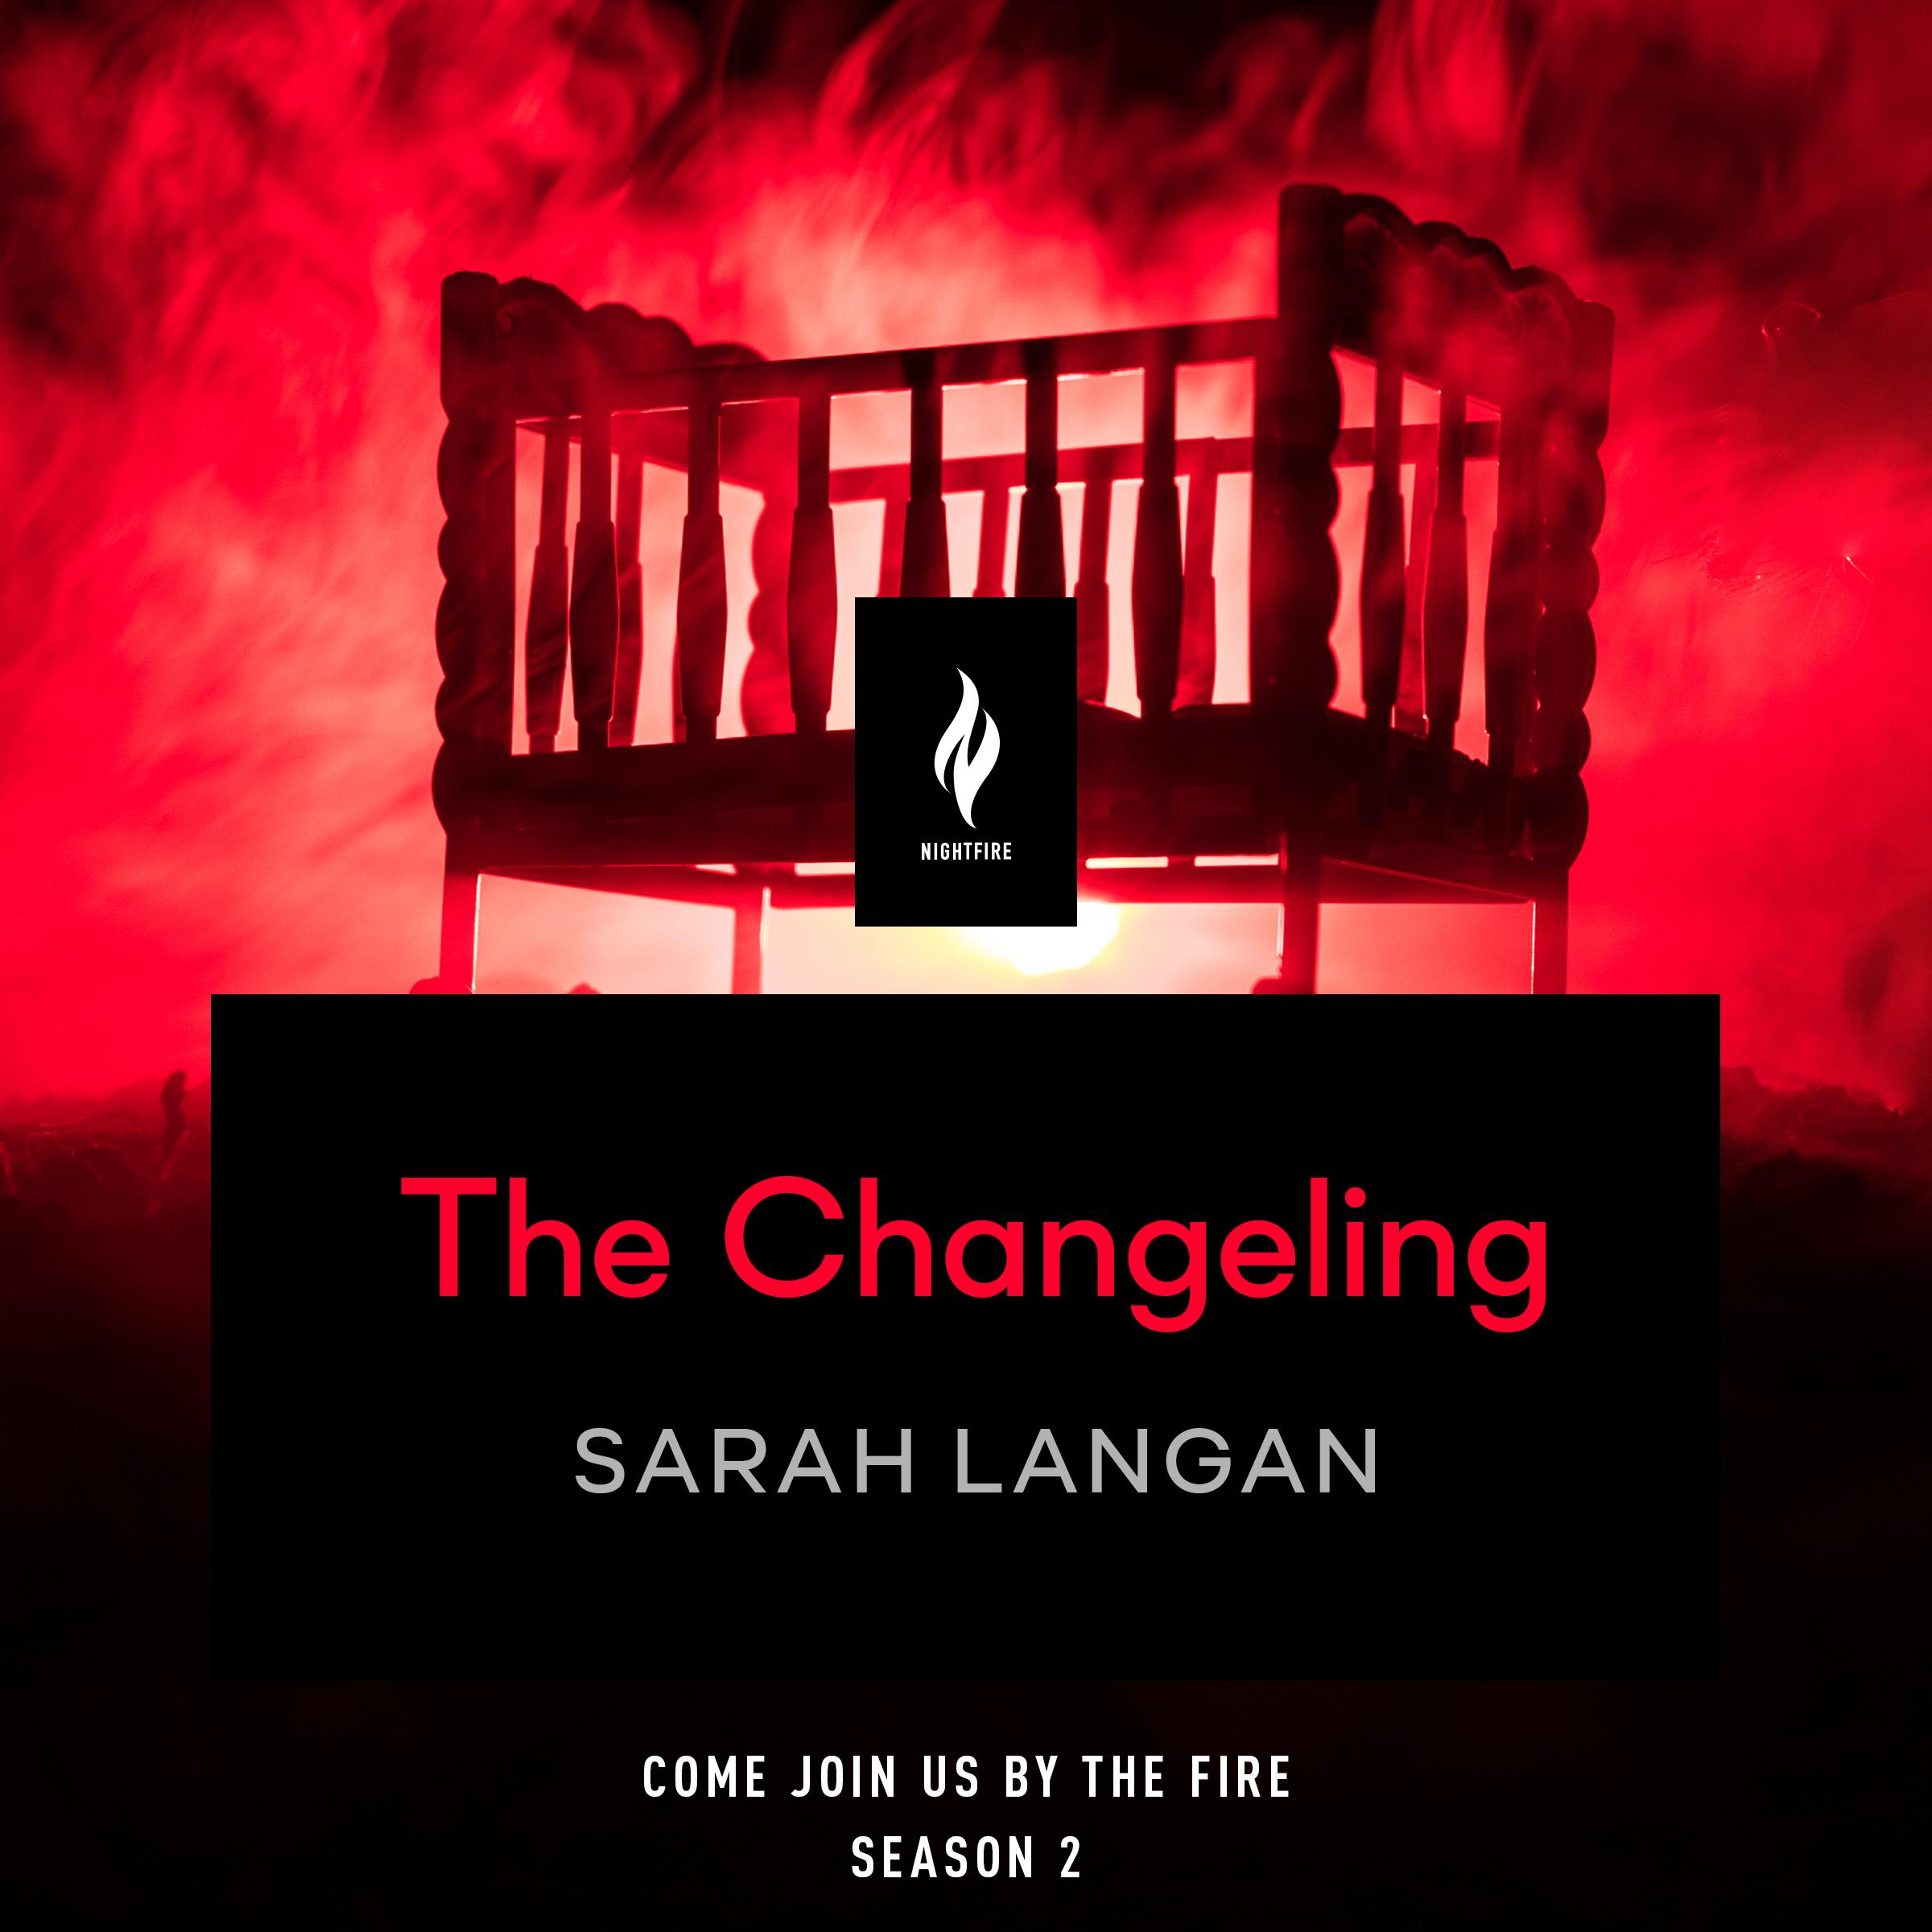 TheChangeling_Langan